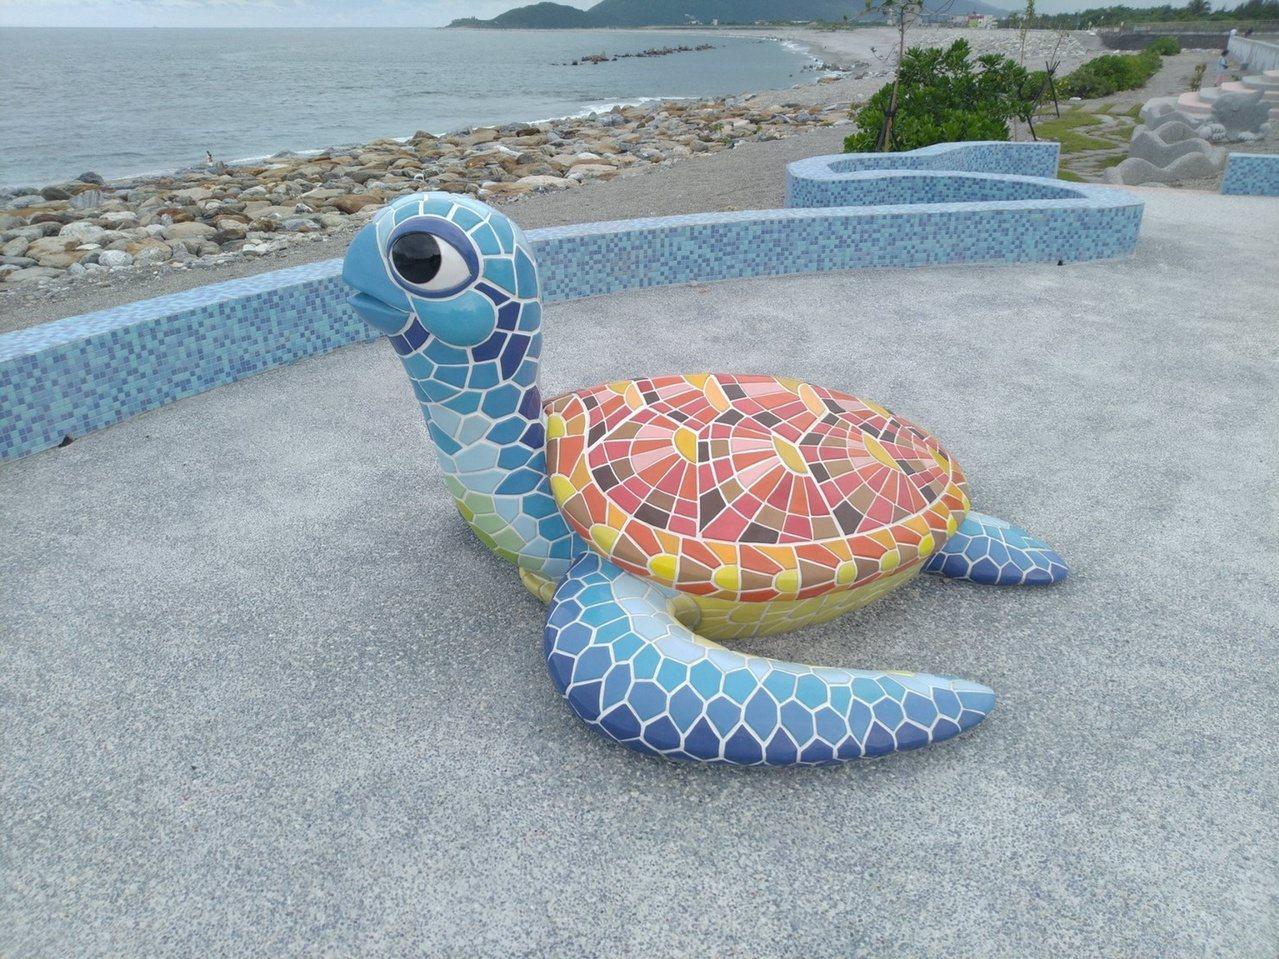 第九河川局在化仁海堤設置海龜造型裝置藝術,代表養灘及環保意涵。 圖/第九河川局提...